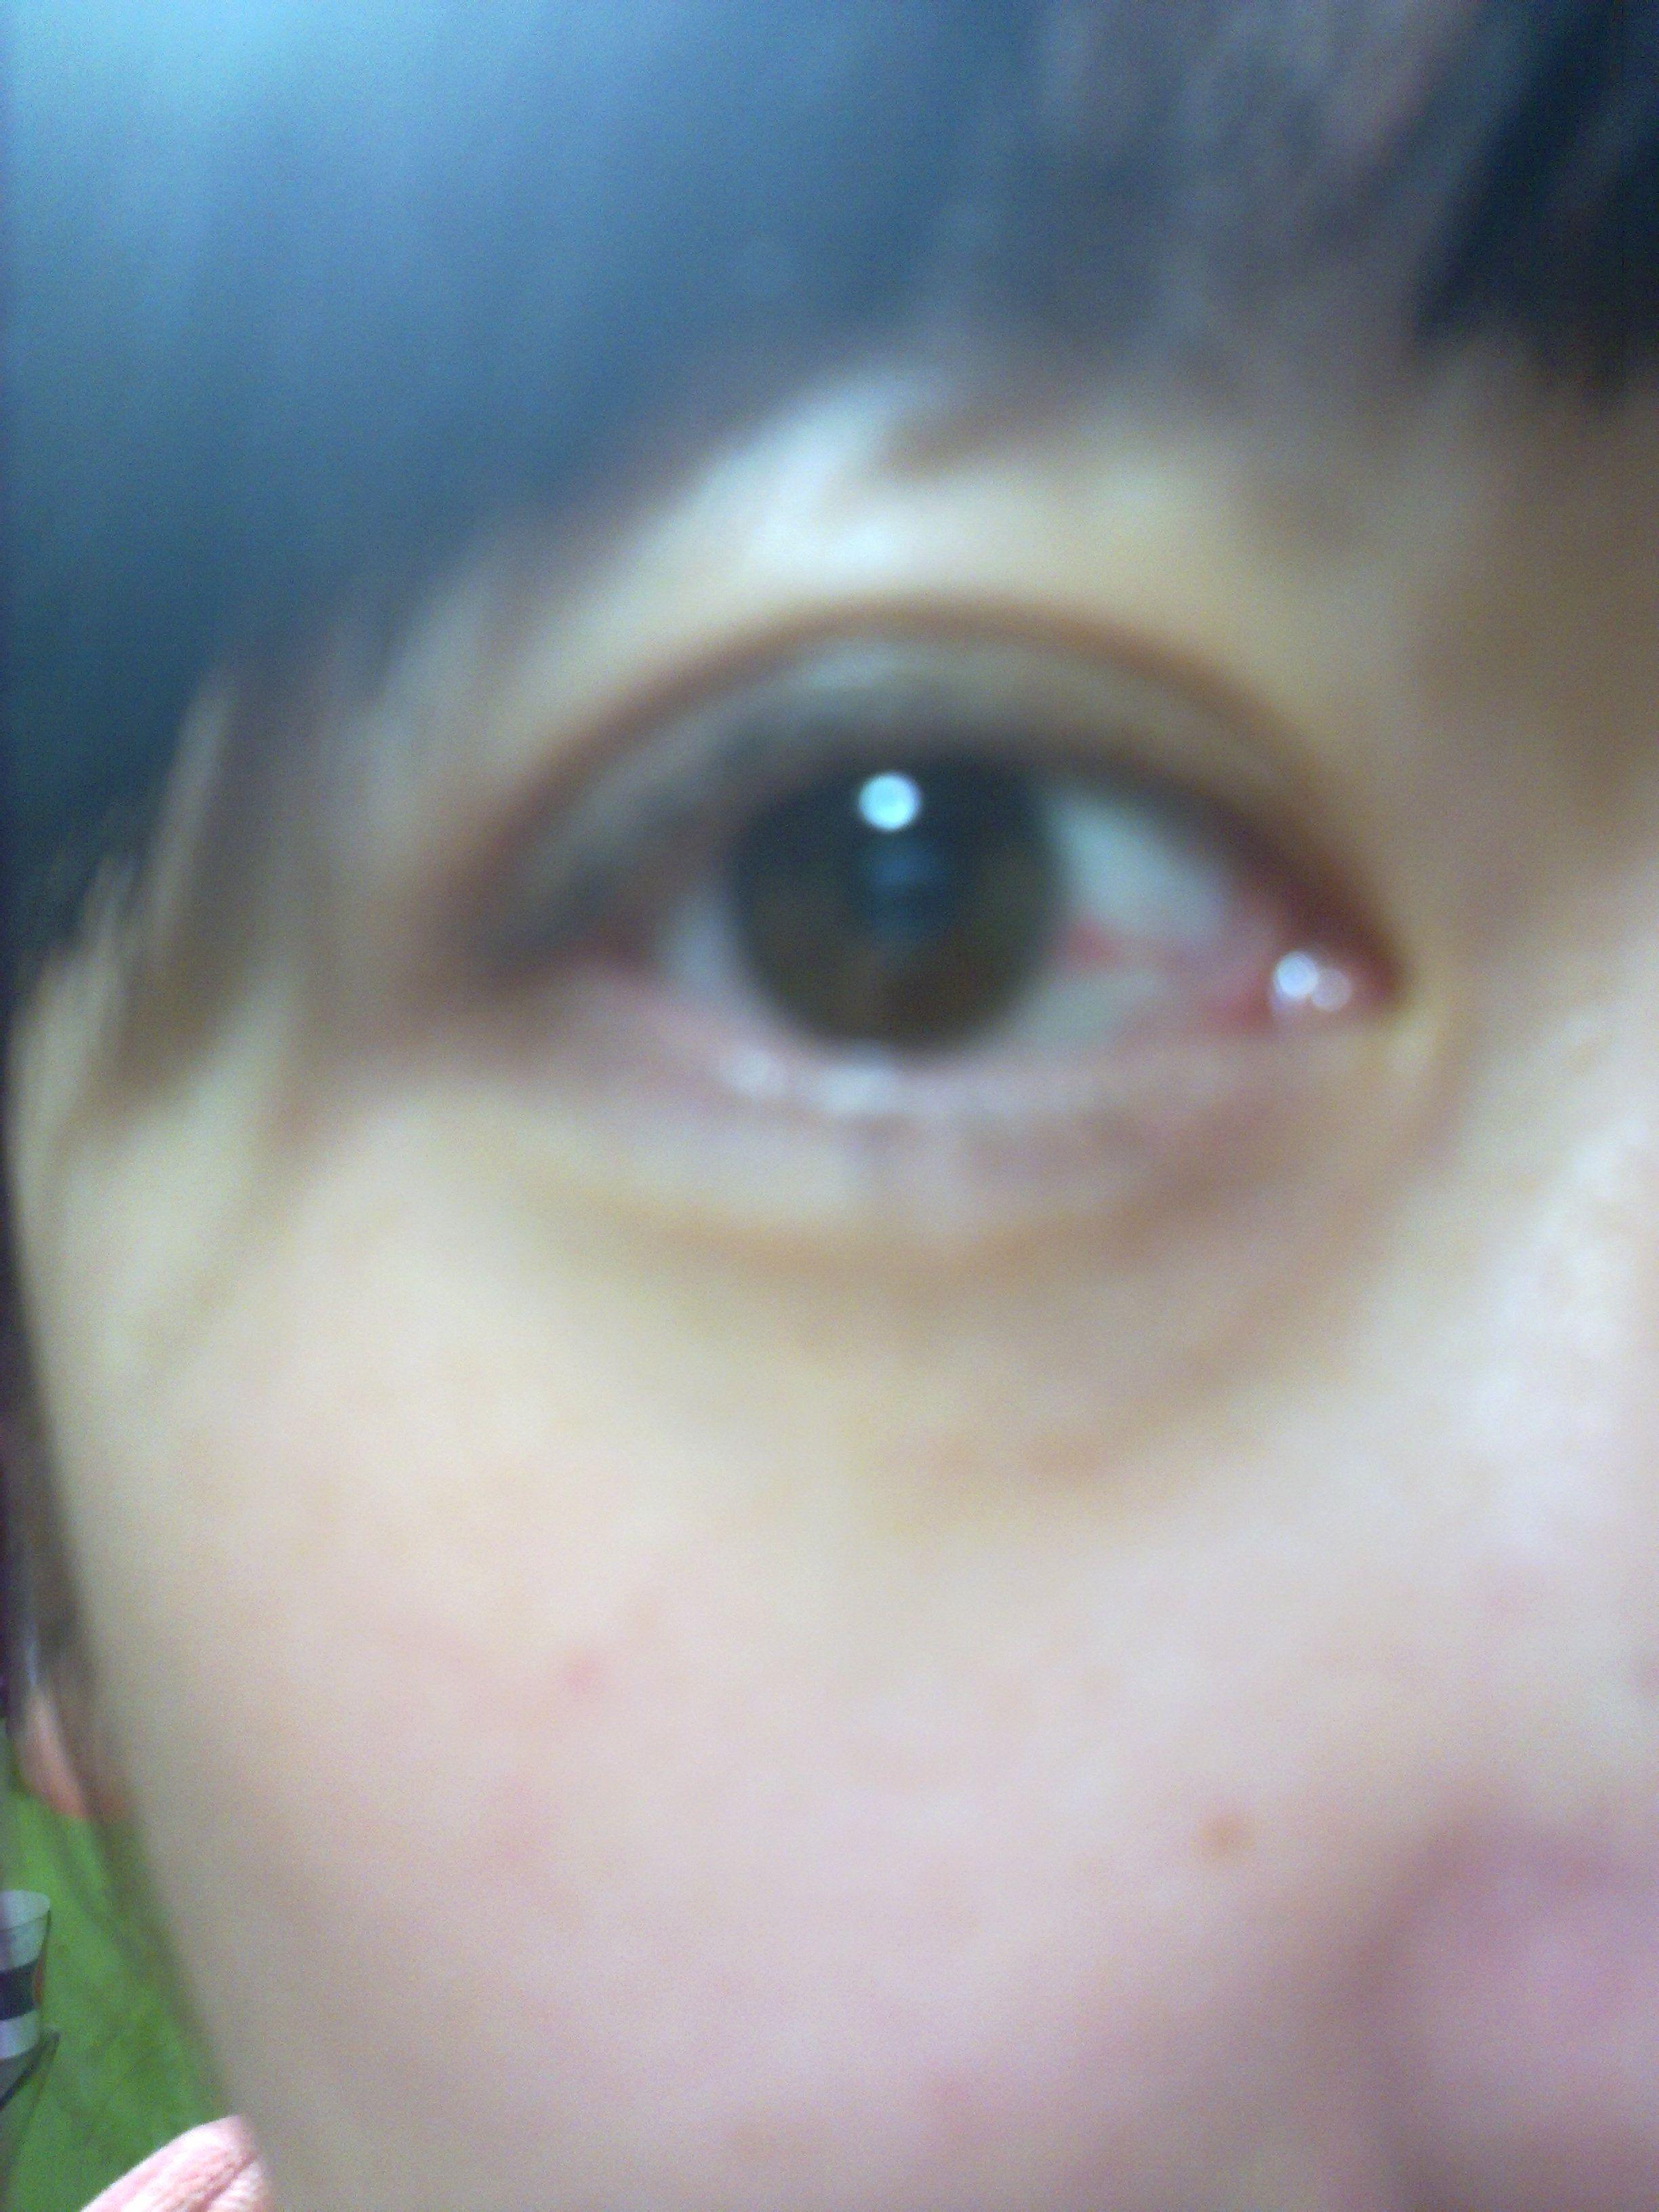 主要症状等): 照镜子突然发现眼睛有红血丝 就像图上从眼角到眼珠的白图片